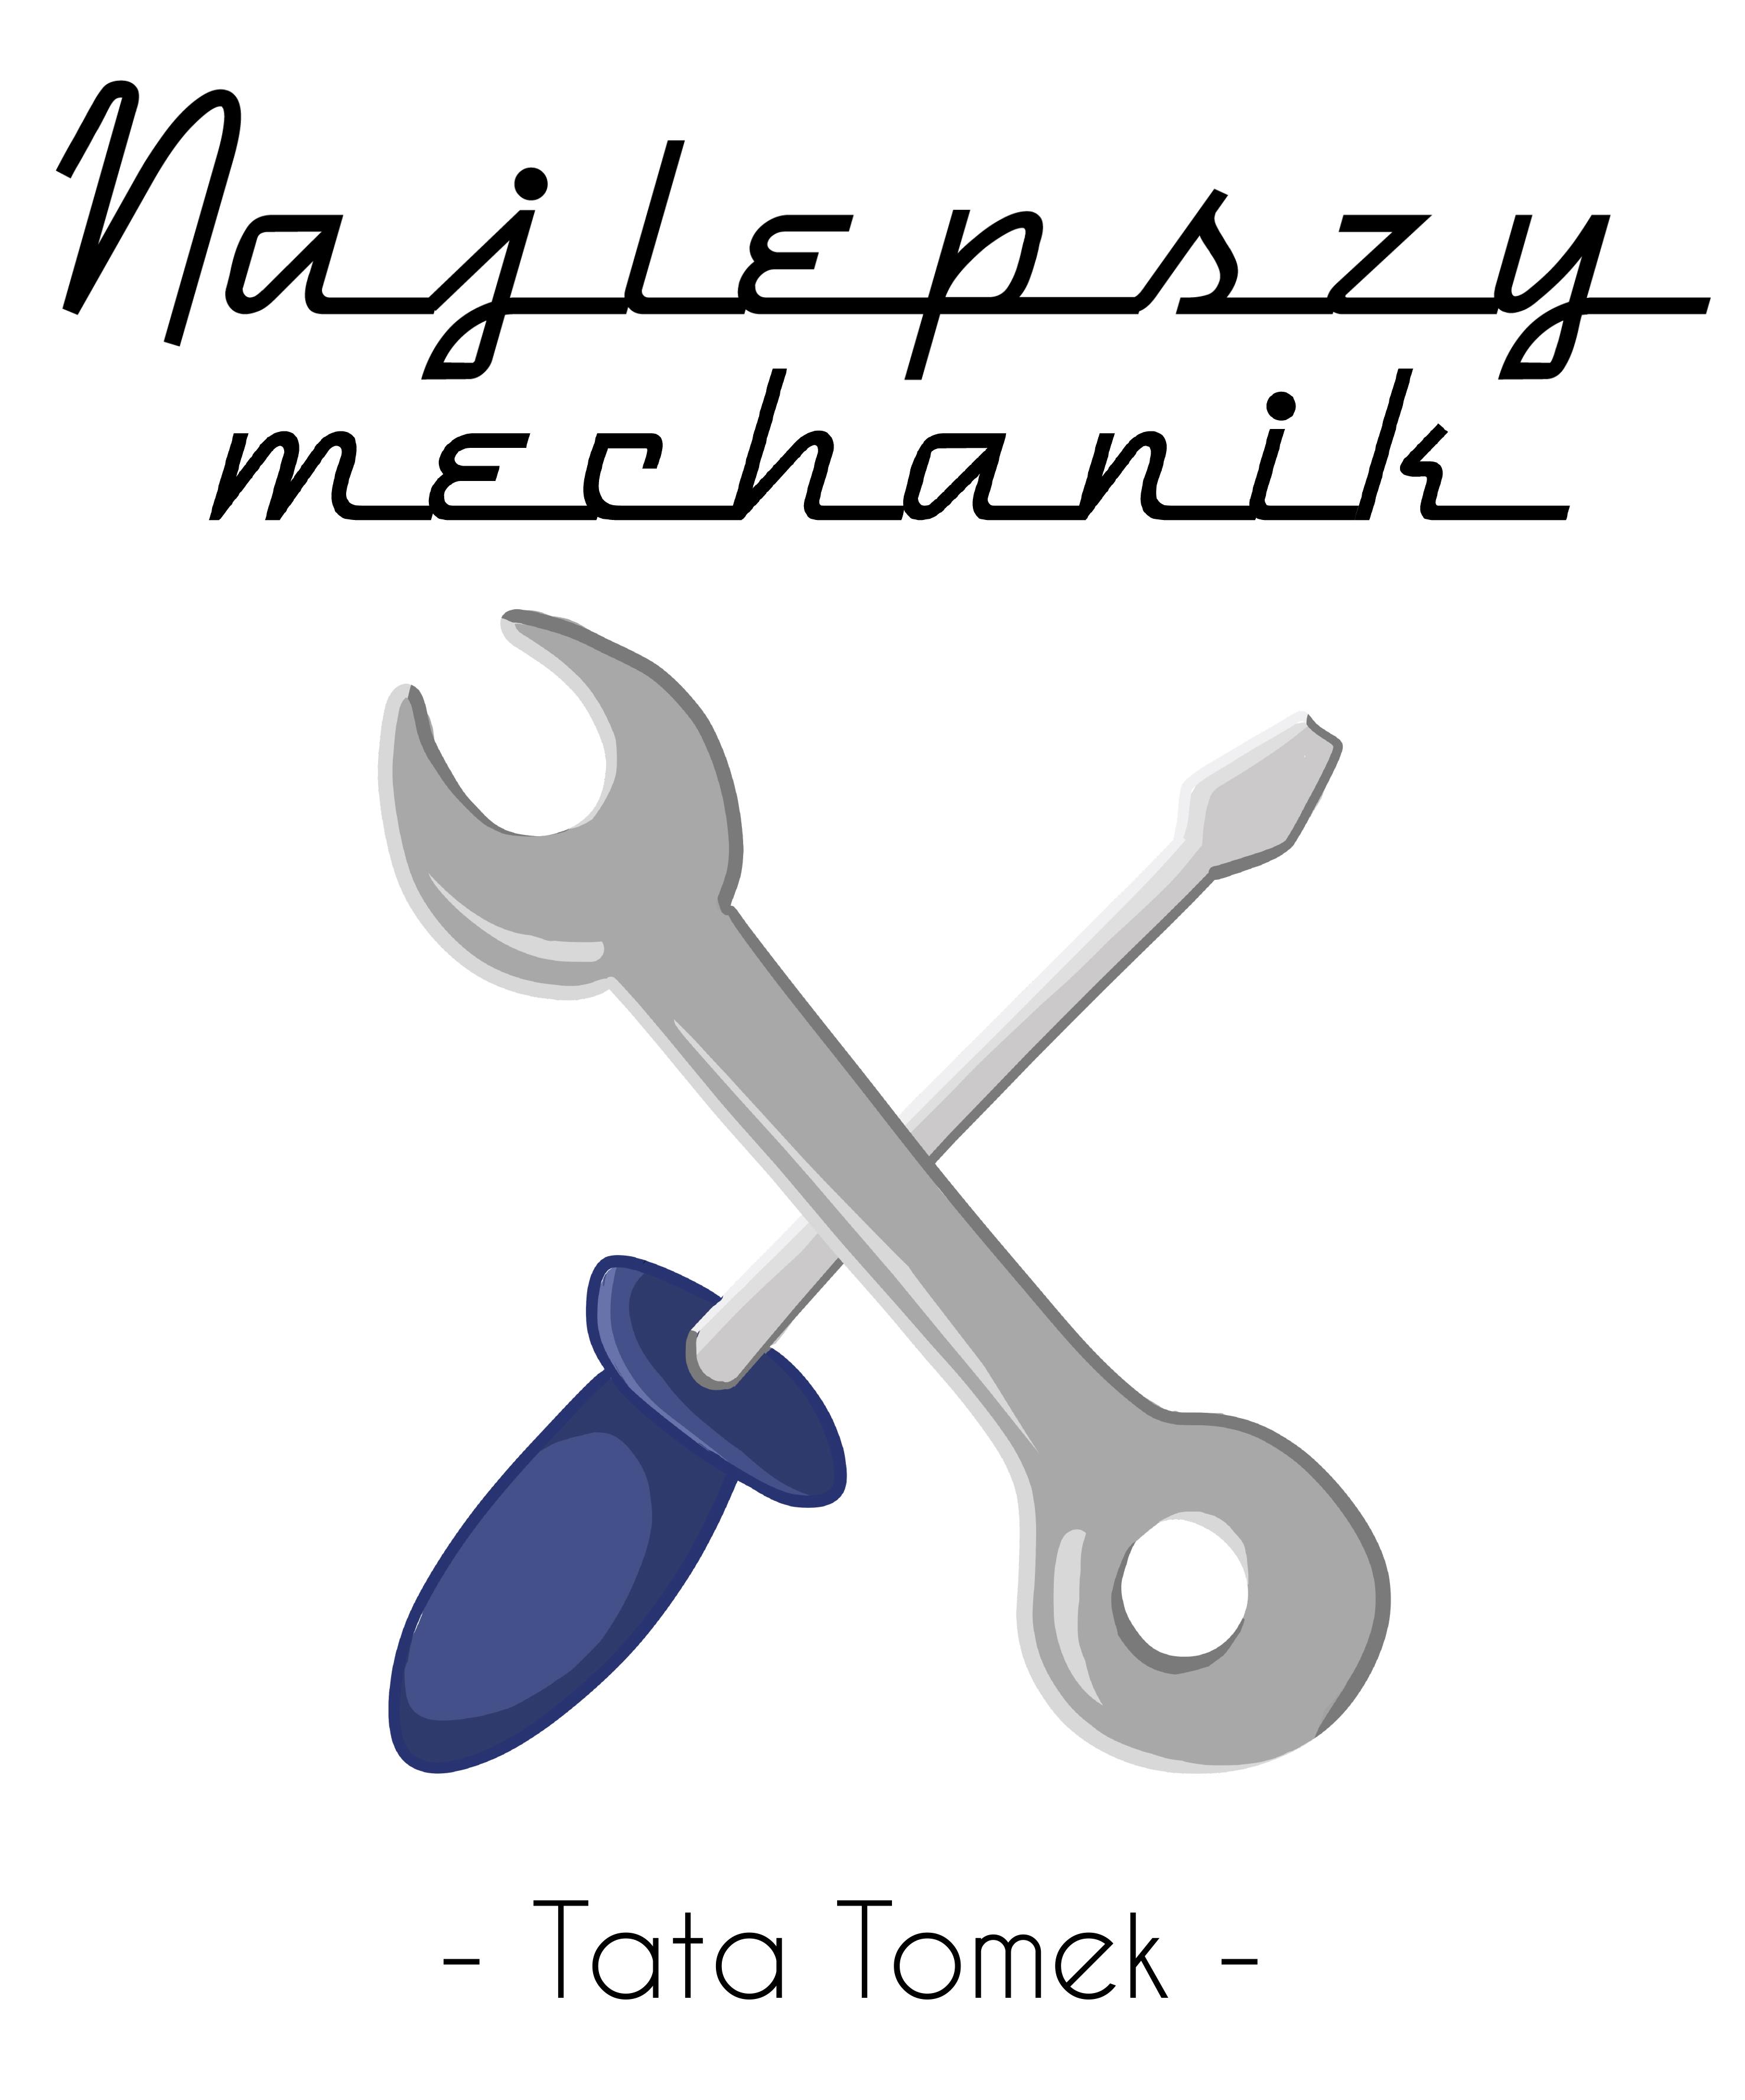 Rozmiar XXXL - koszulka męska z własnym nadrukiem dla taty - Najlepszy mechanik